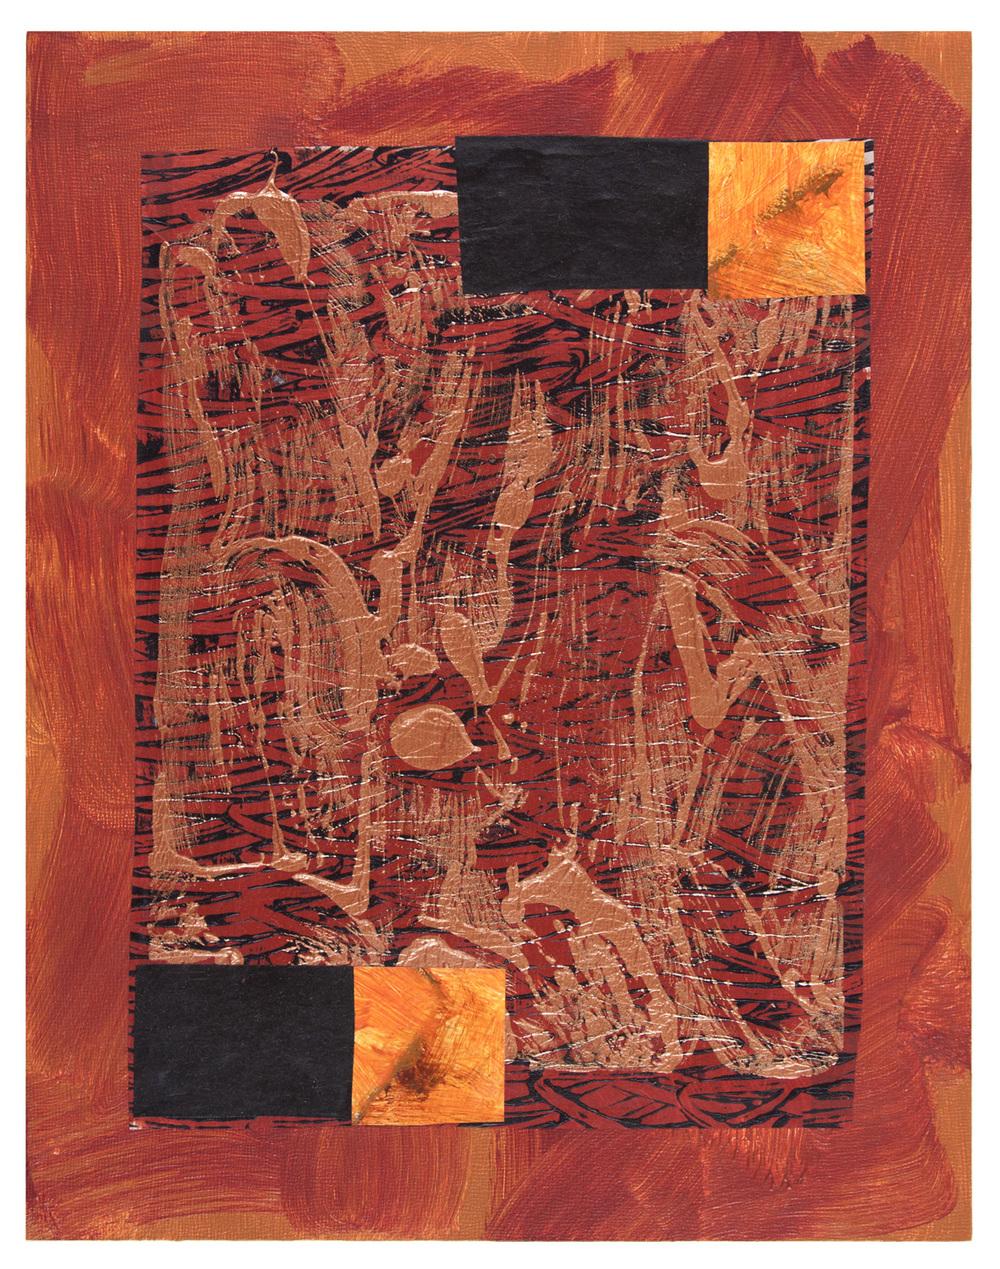 Sedona , acrylic and mixed media on panel, 2015, 14 x 11 in.